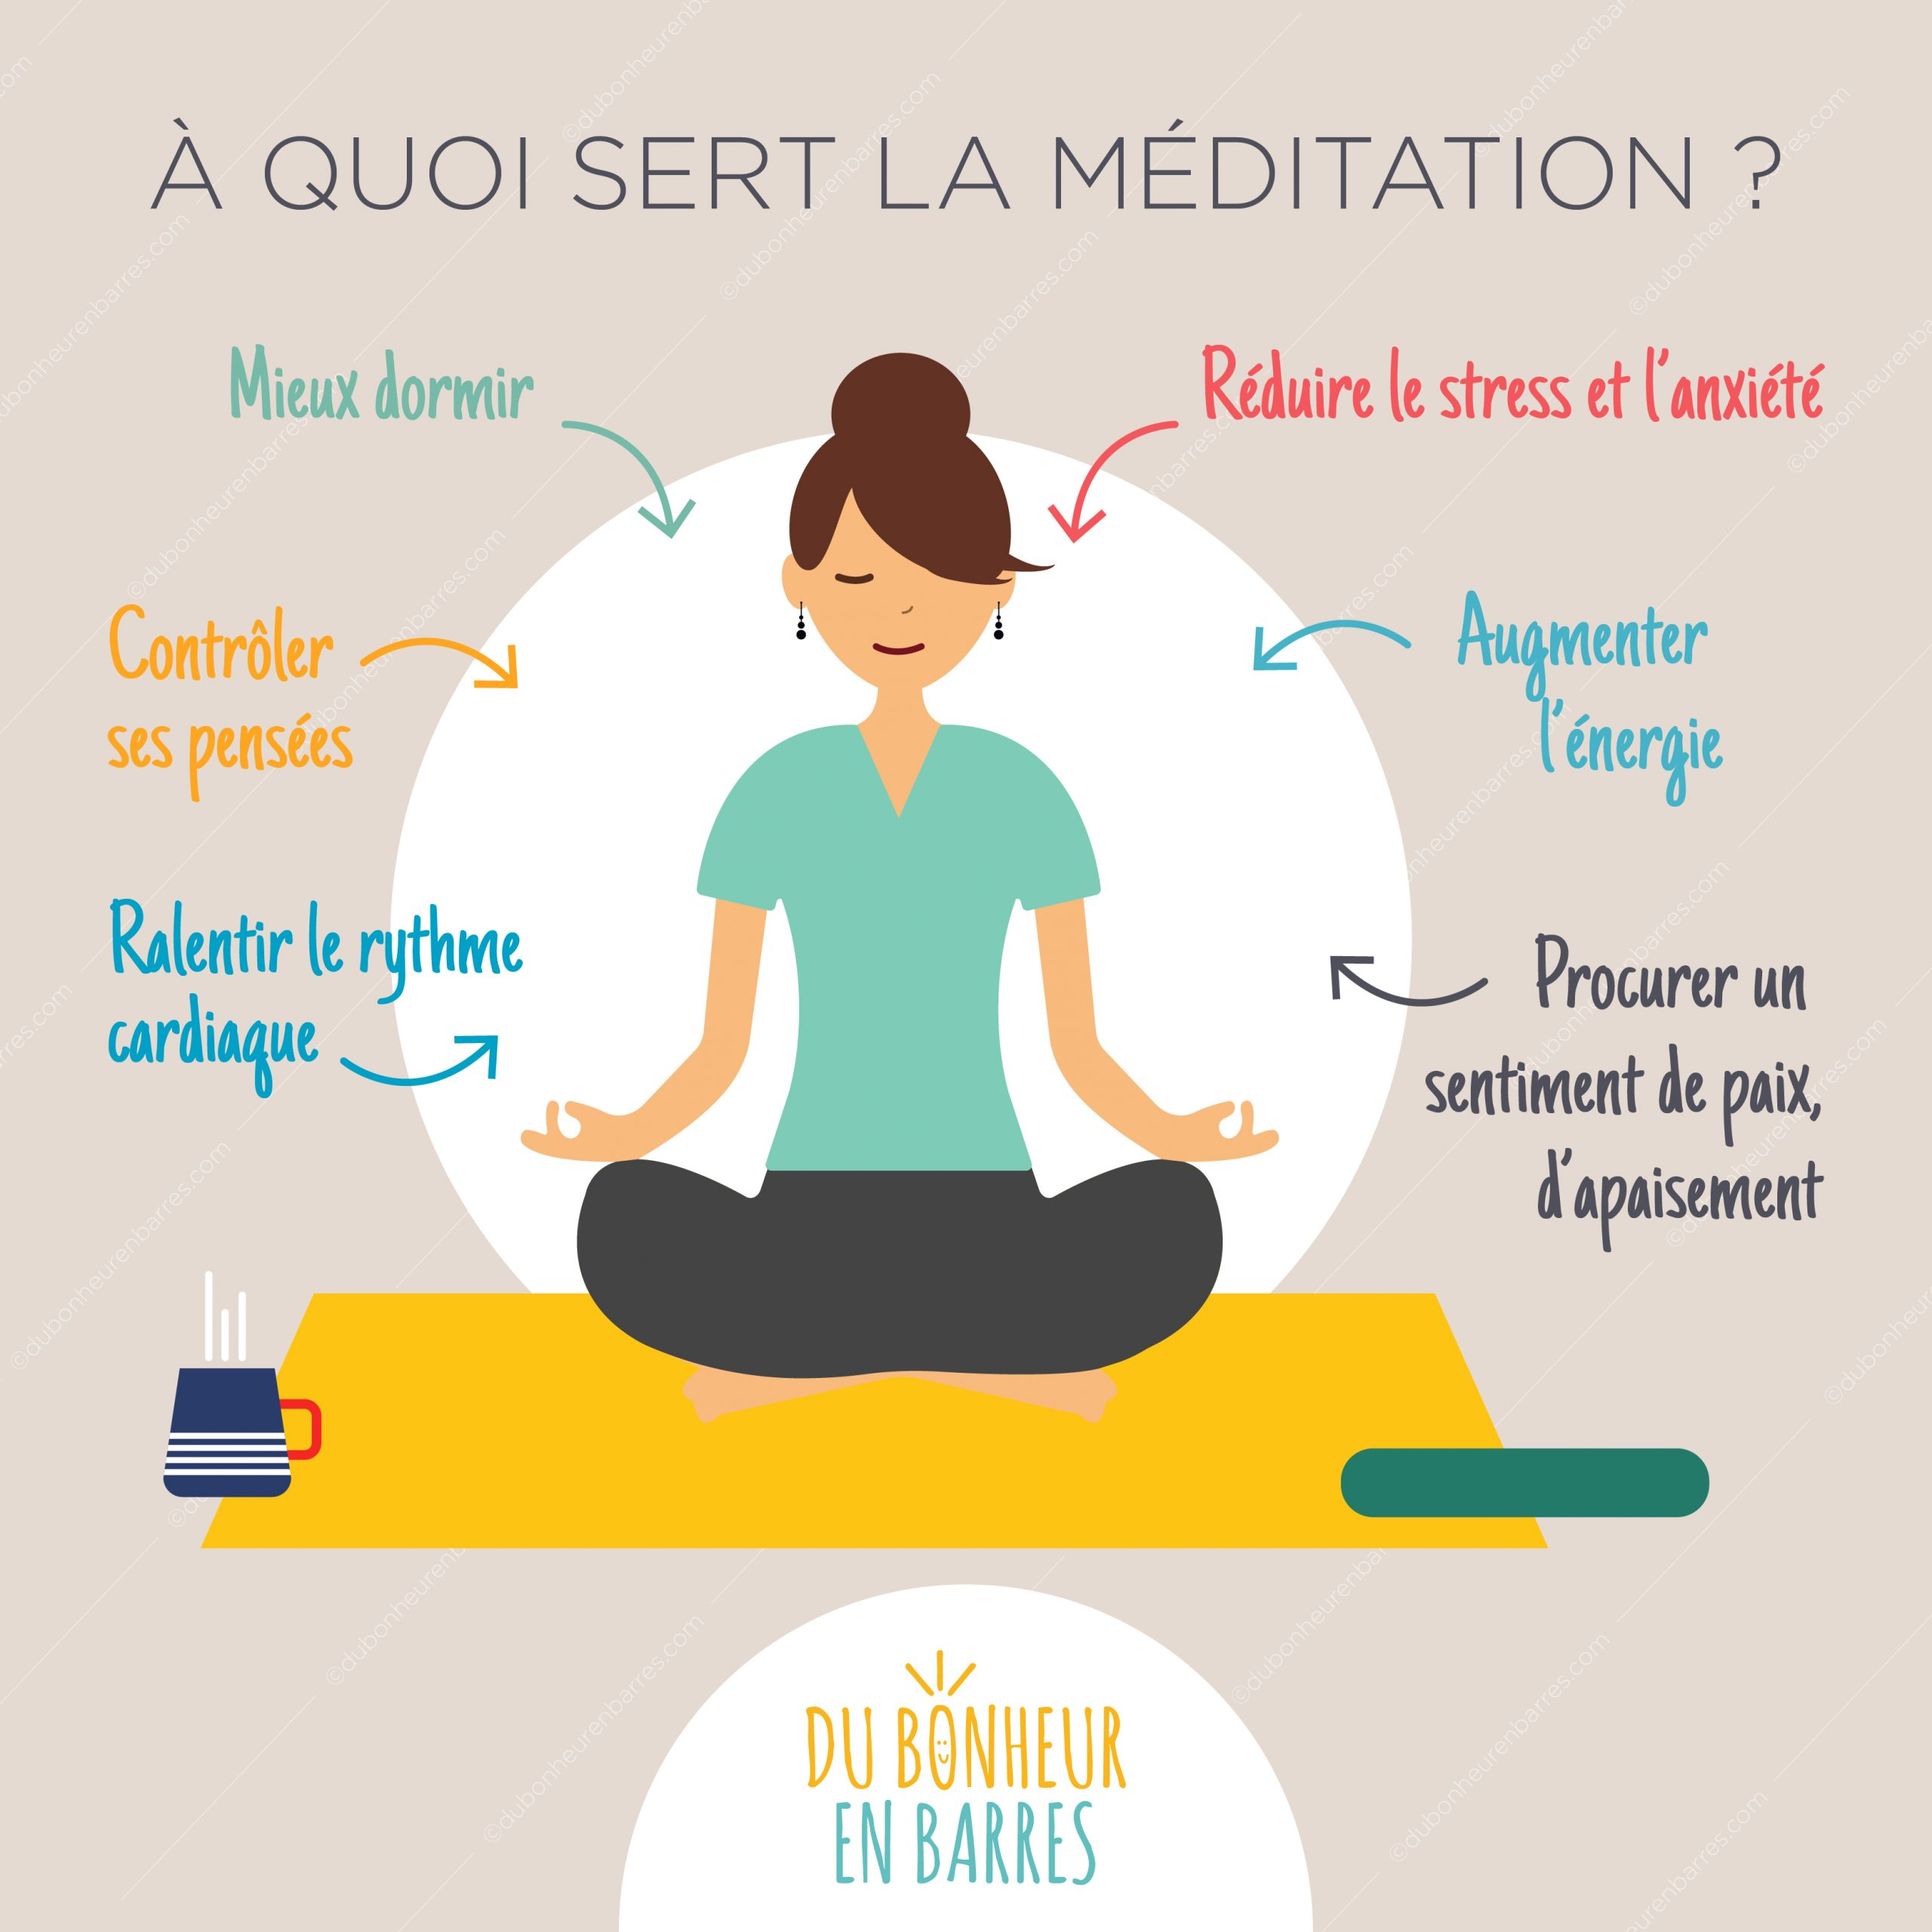 a quoi sert la méditation